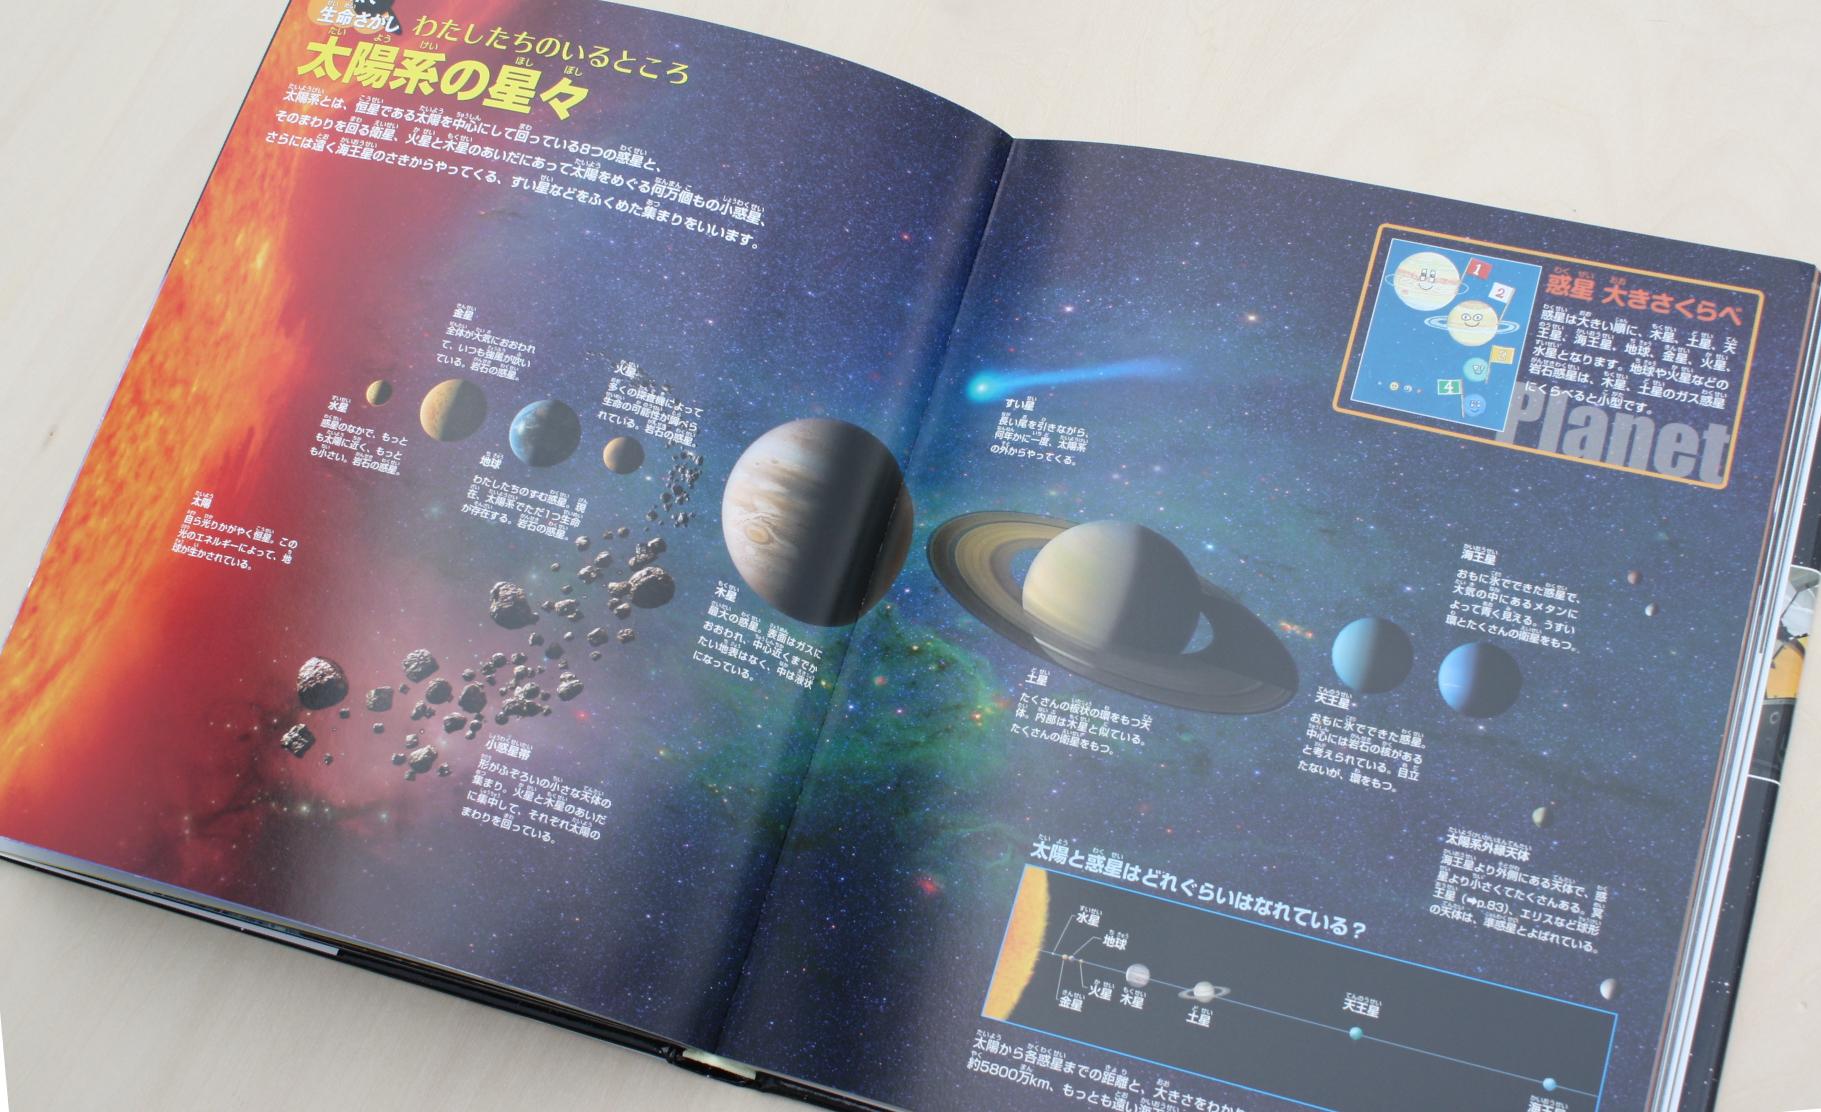 『さがせ! 宇宙の生命探査大百科』のなかの見ひらき「太陽系の星々」。太陽系のイメージ図